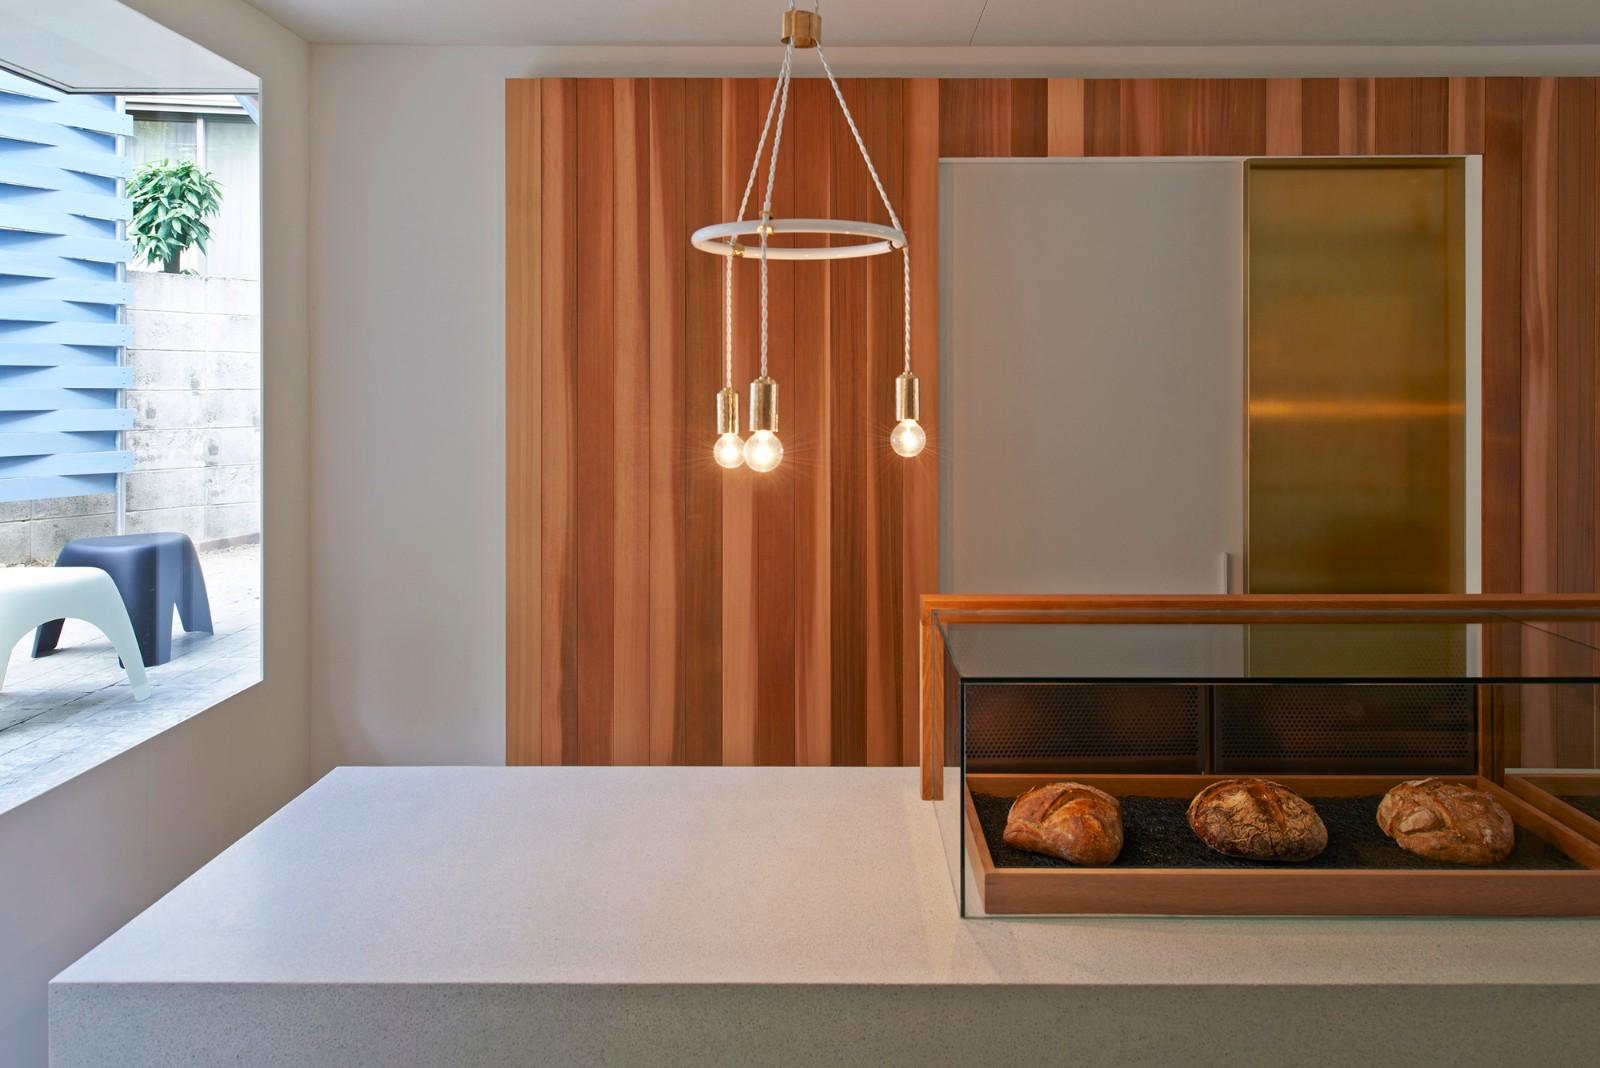 日本Panscape面包店的巧妙设计